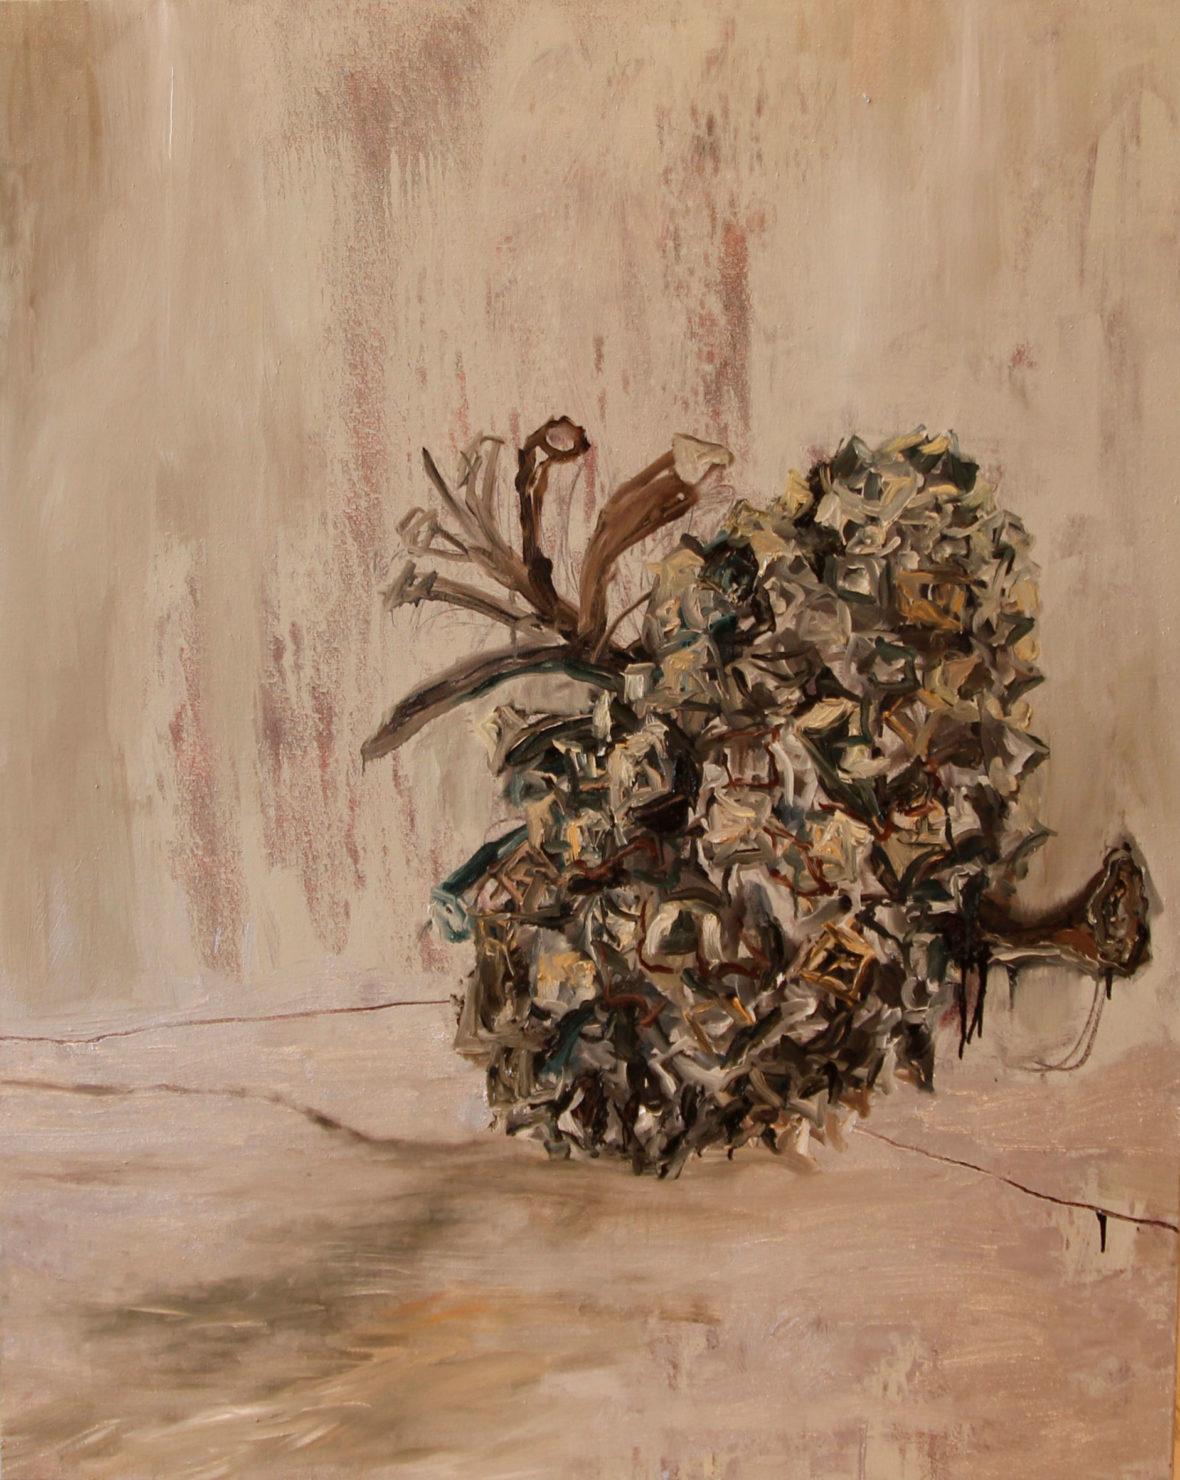 Lakeuden kukka 2 / Flower of the plateau 2